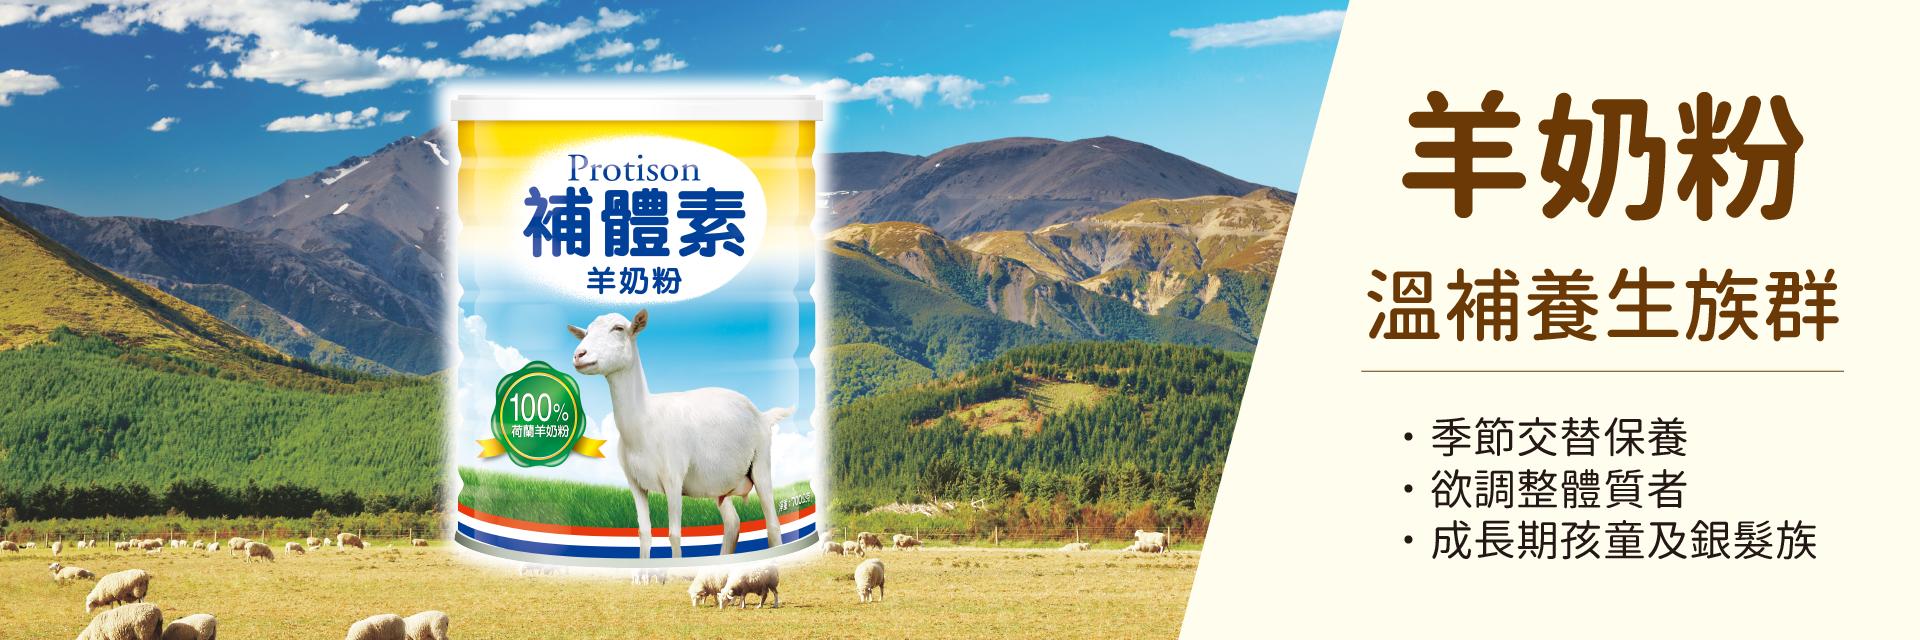 補體素羊奶粉適合溫補養生族群